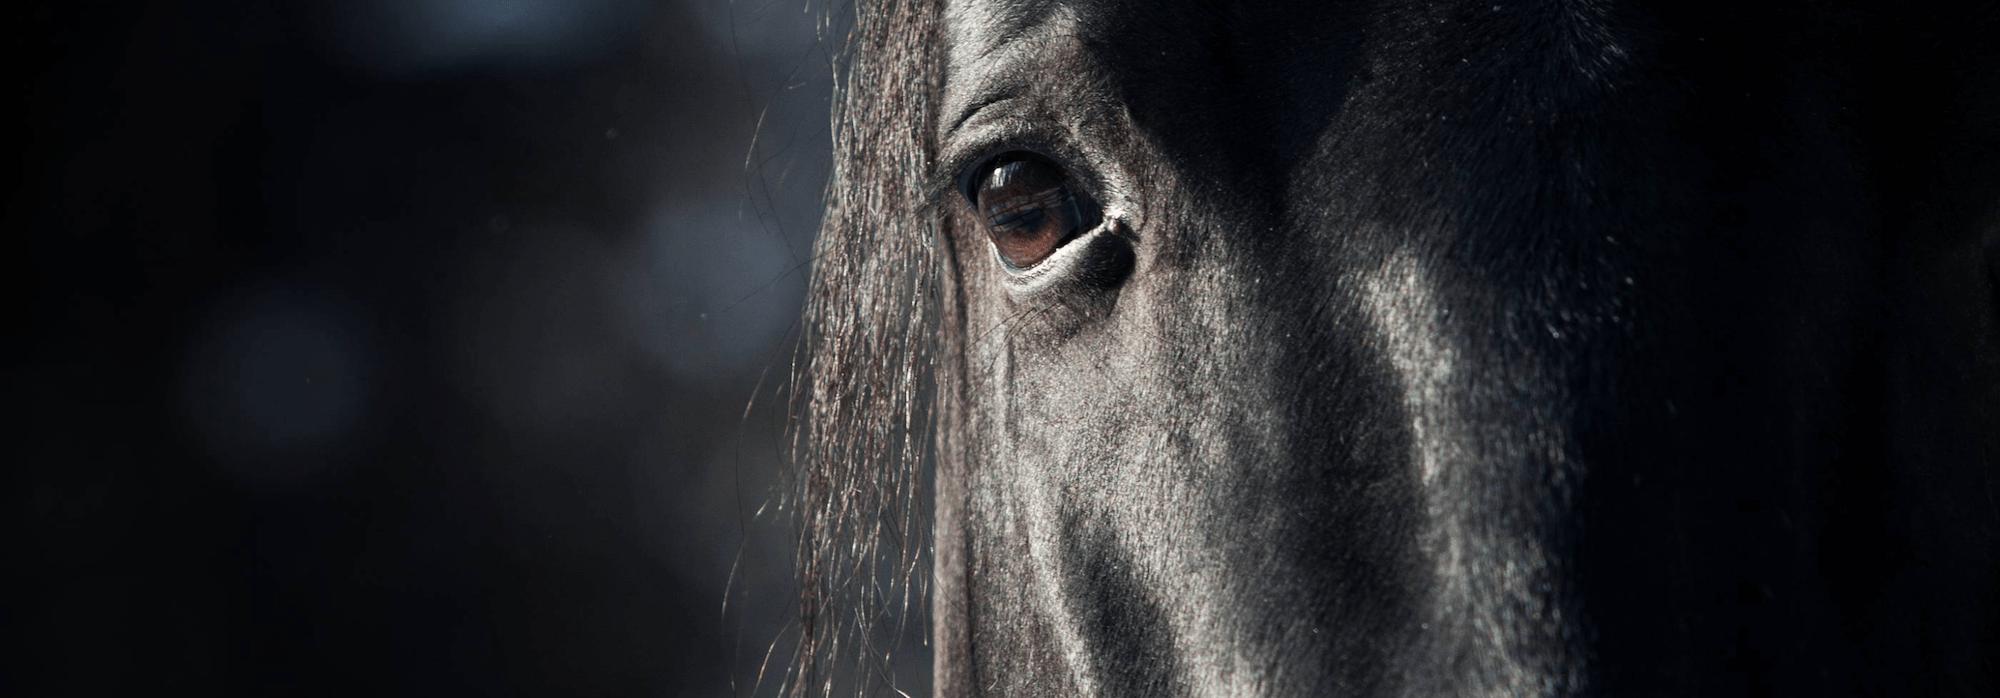 närbild på en svart hästs öga